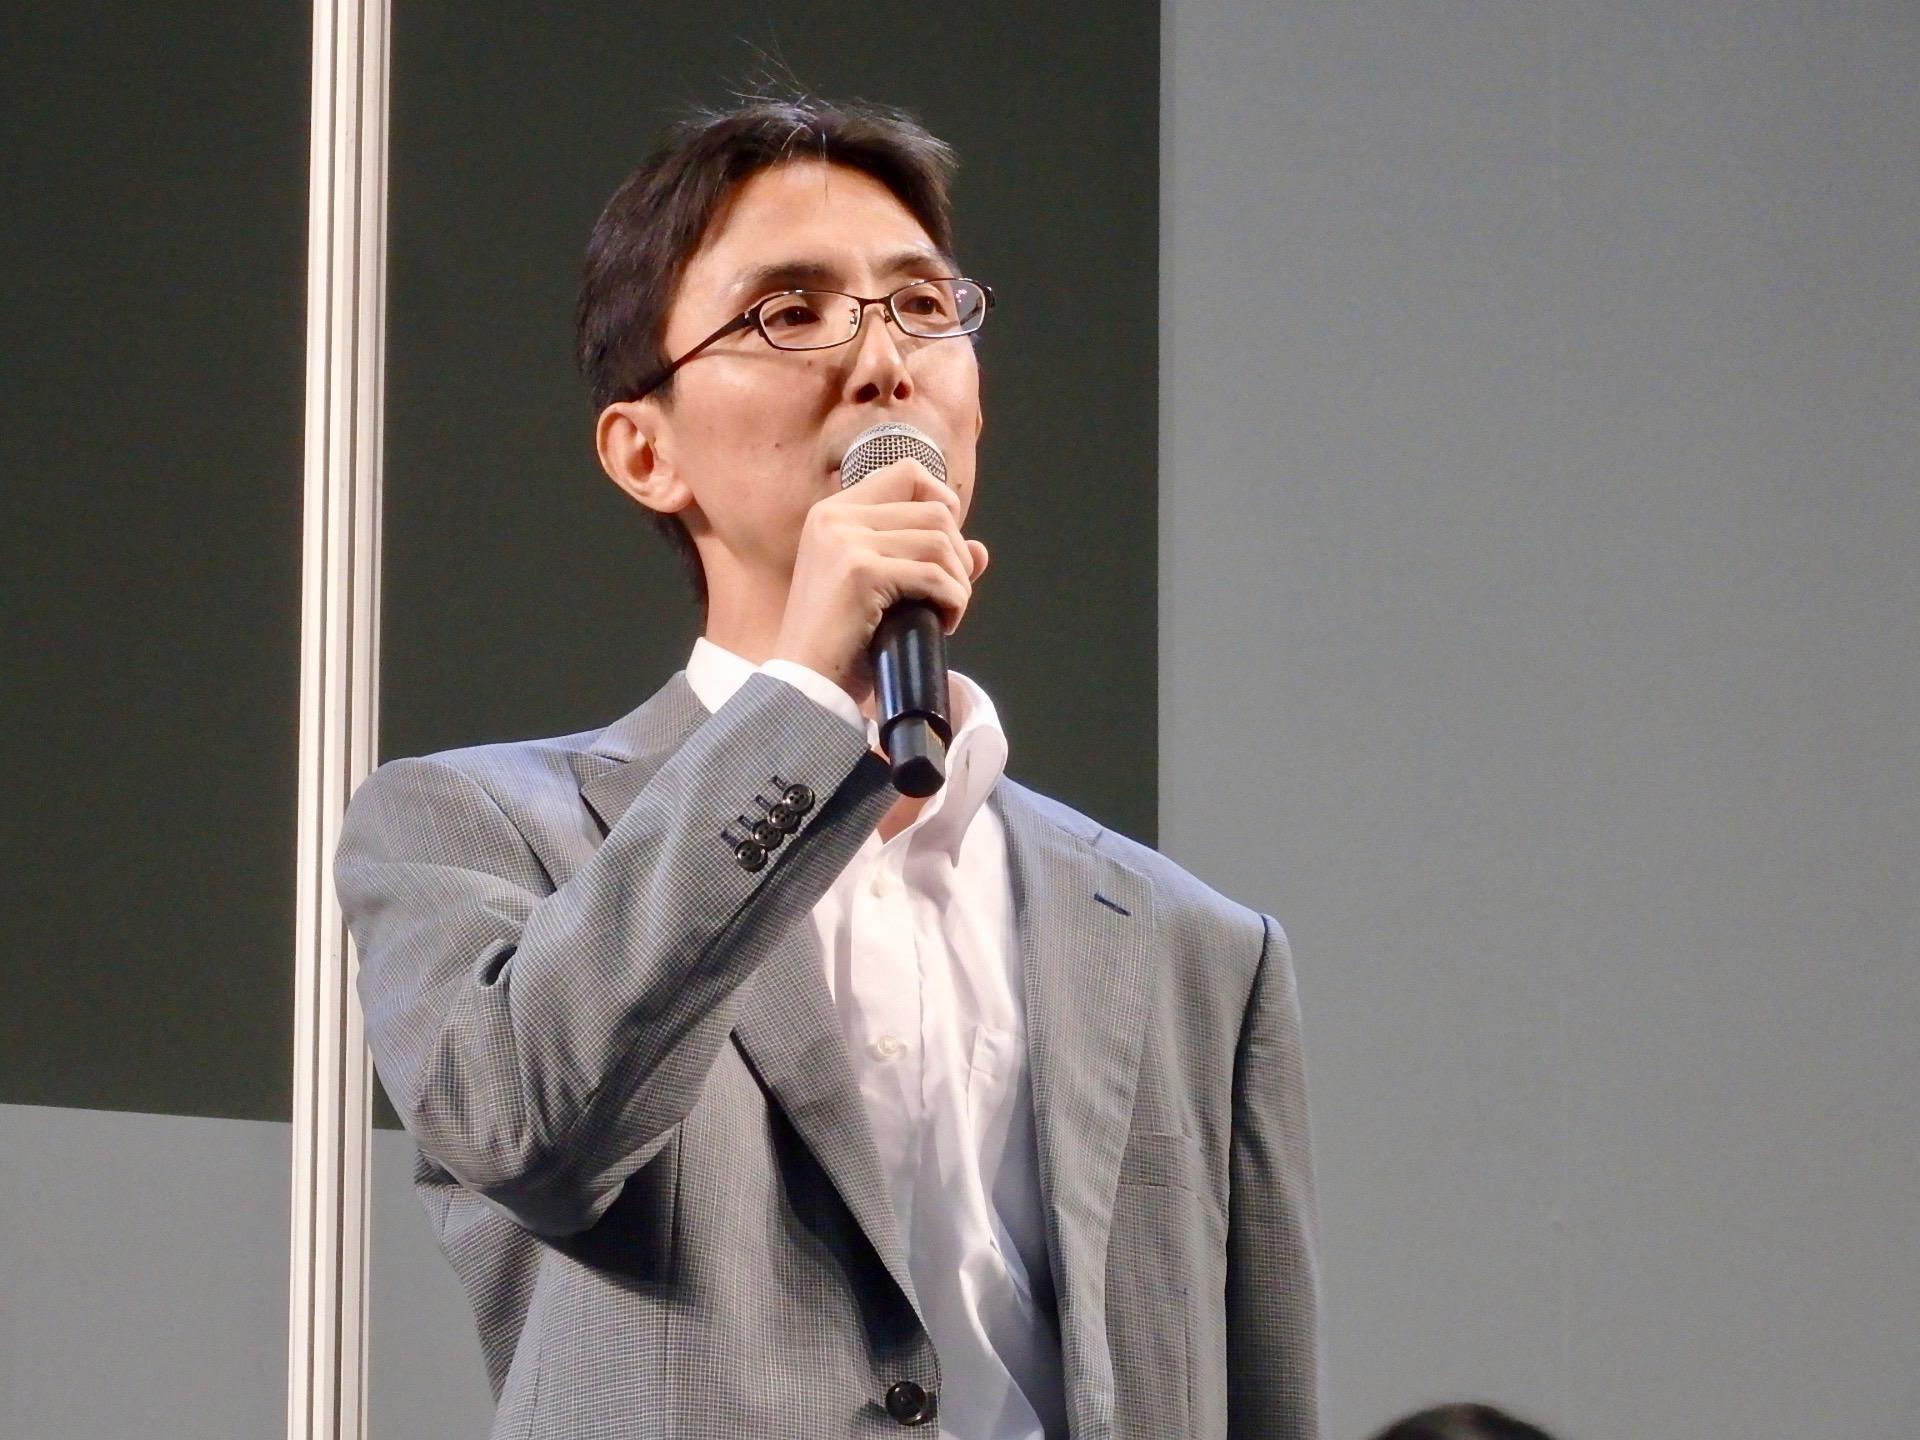 http://news.yoshimoto.co.jp/20180923160056-7c447ea4f5d34428f773449843edf2d72bc4e49f.jpg